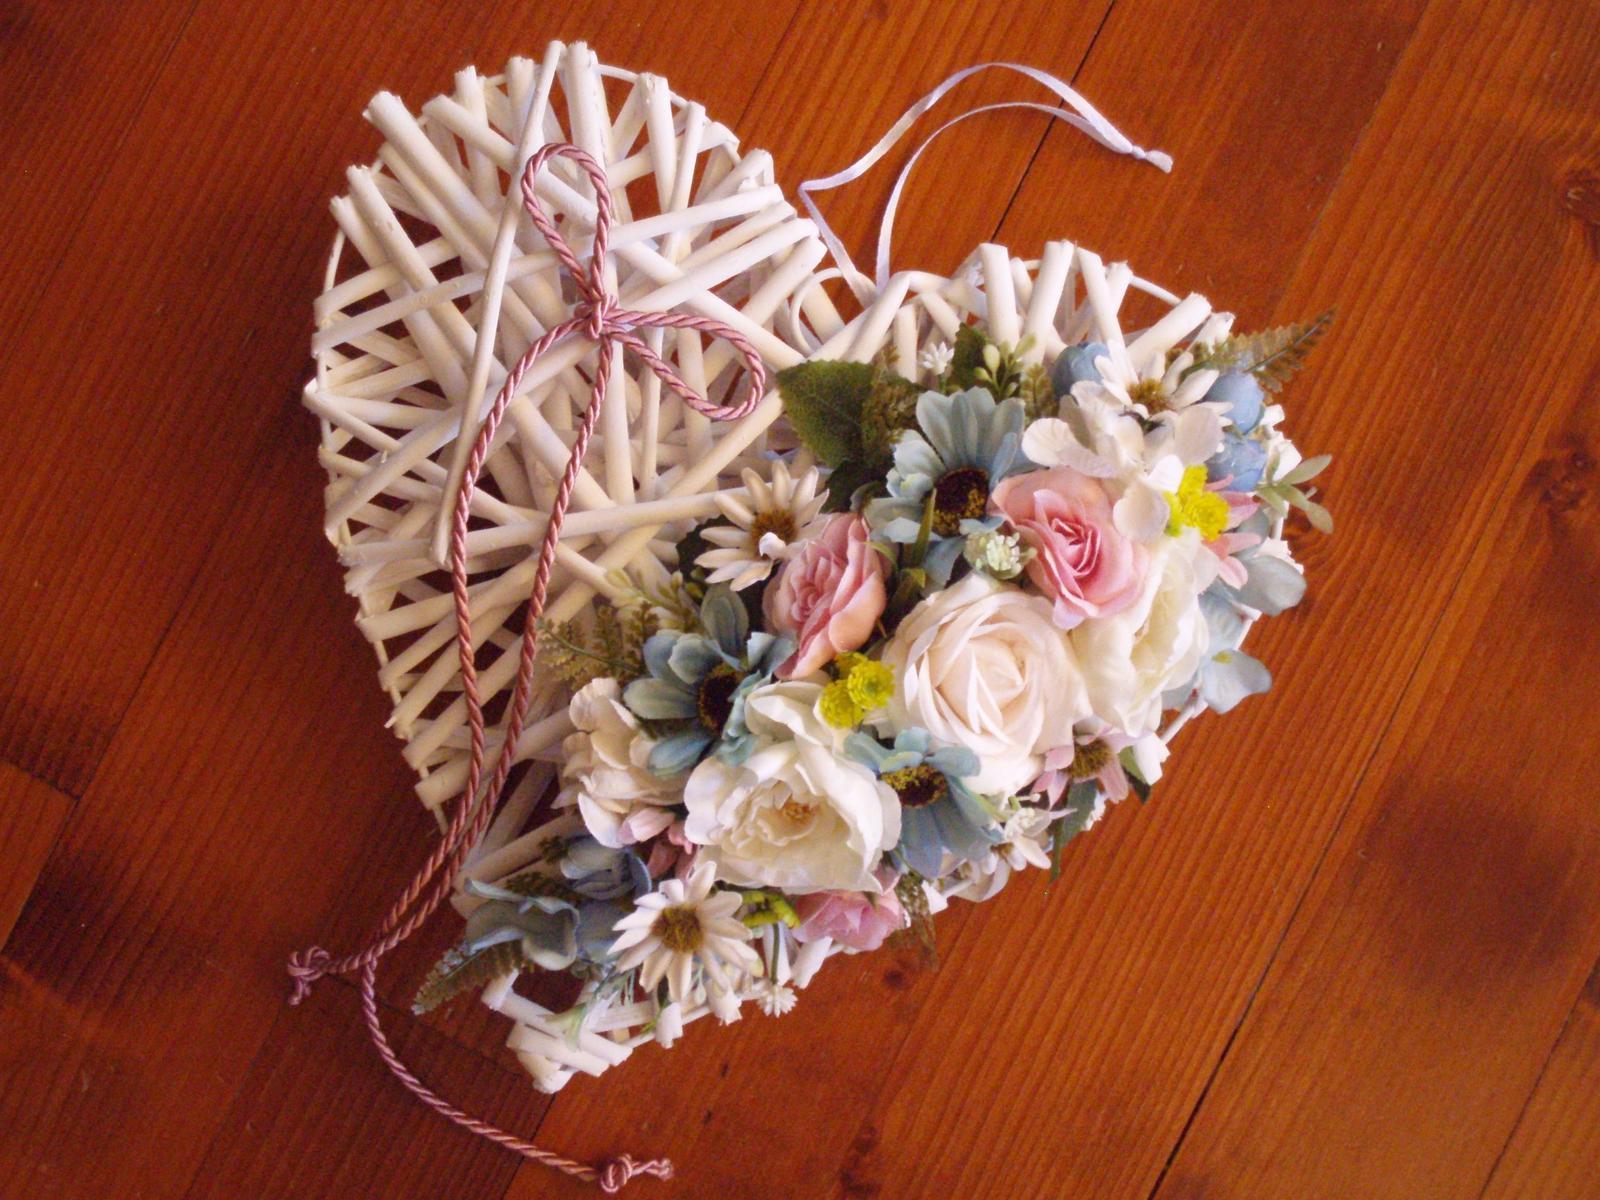 347. Srdce pink, tyrkys, ivory s mašlou 30cm  - Obrázok č. 1